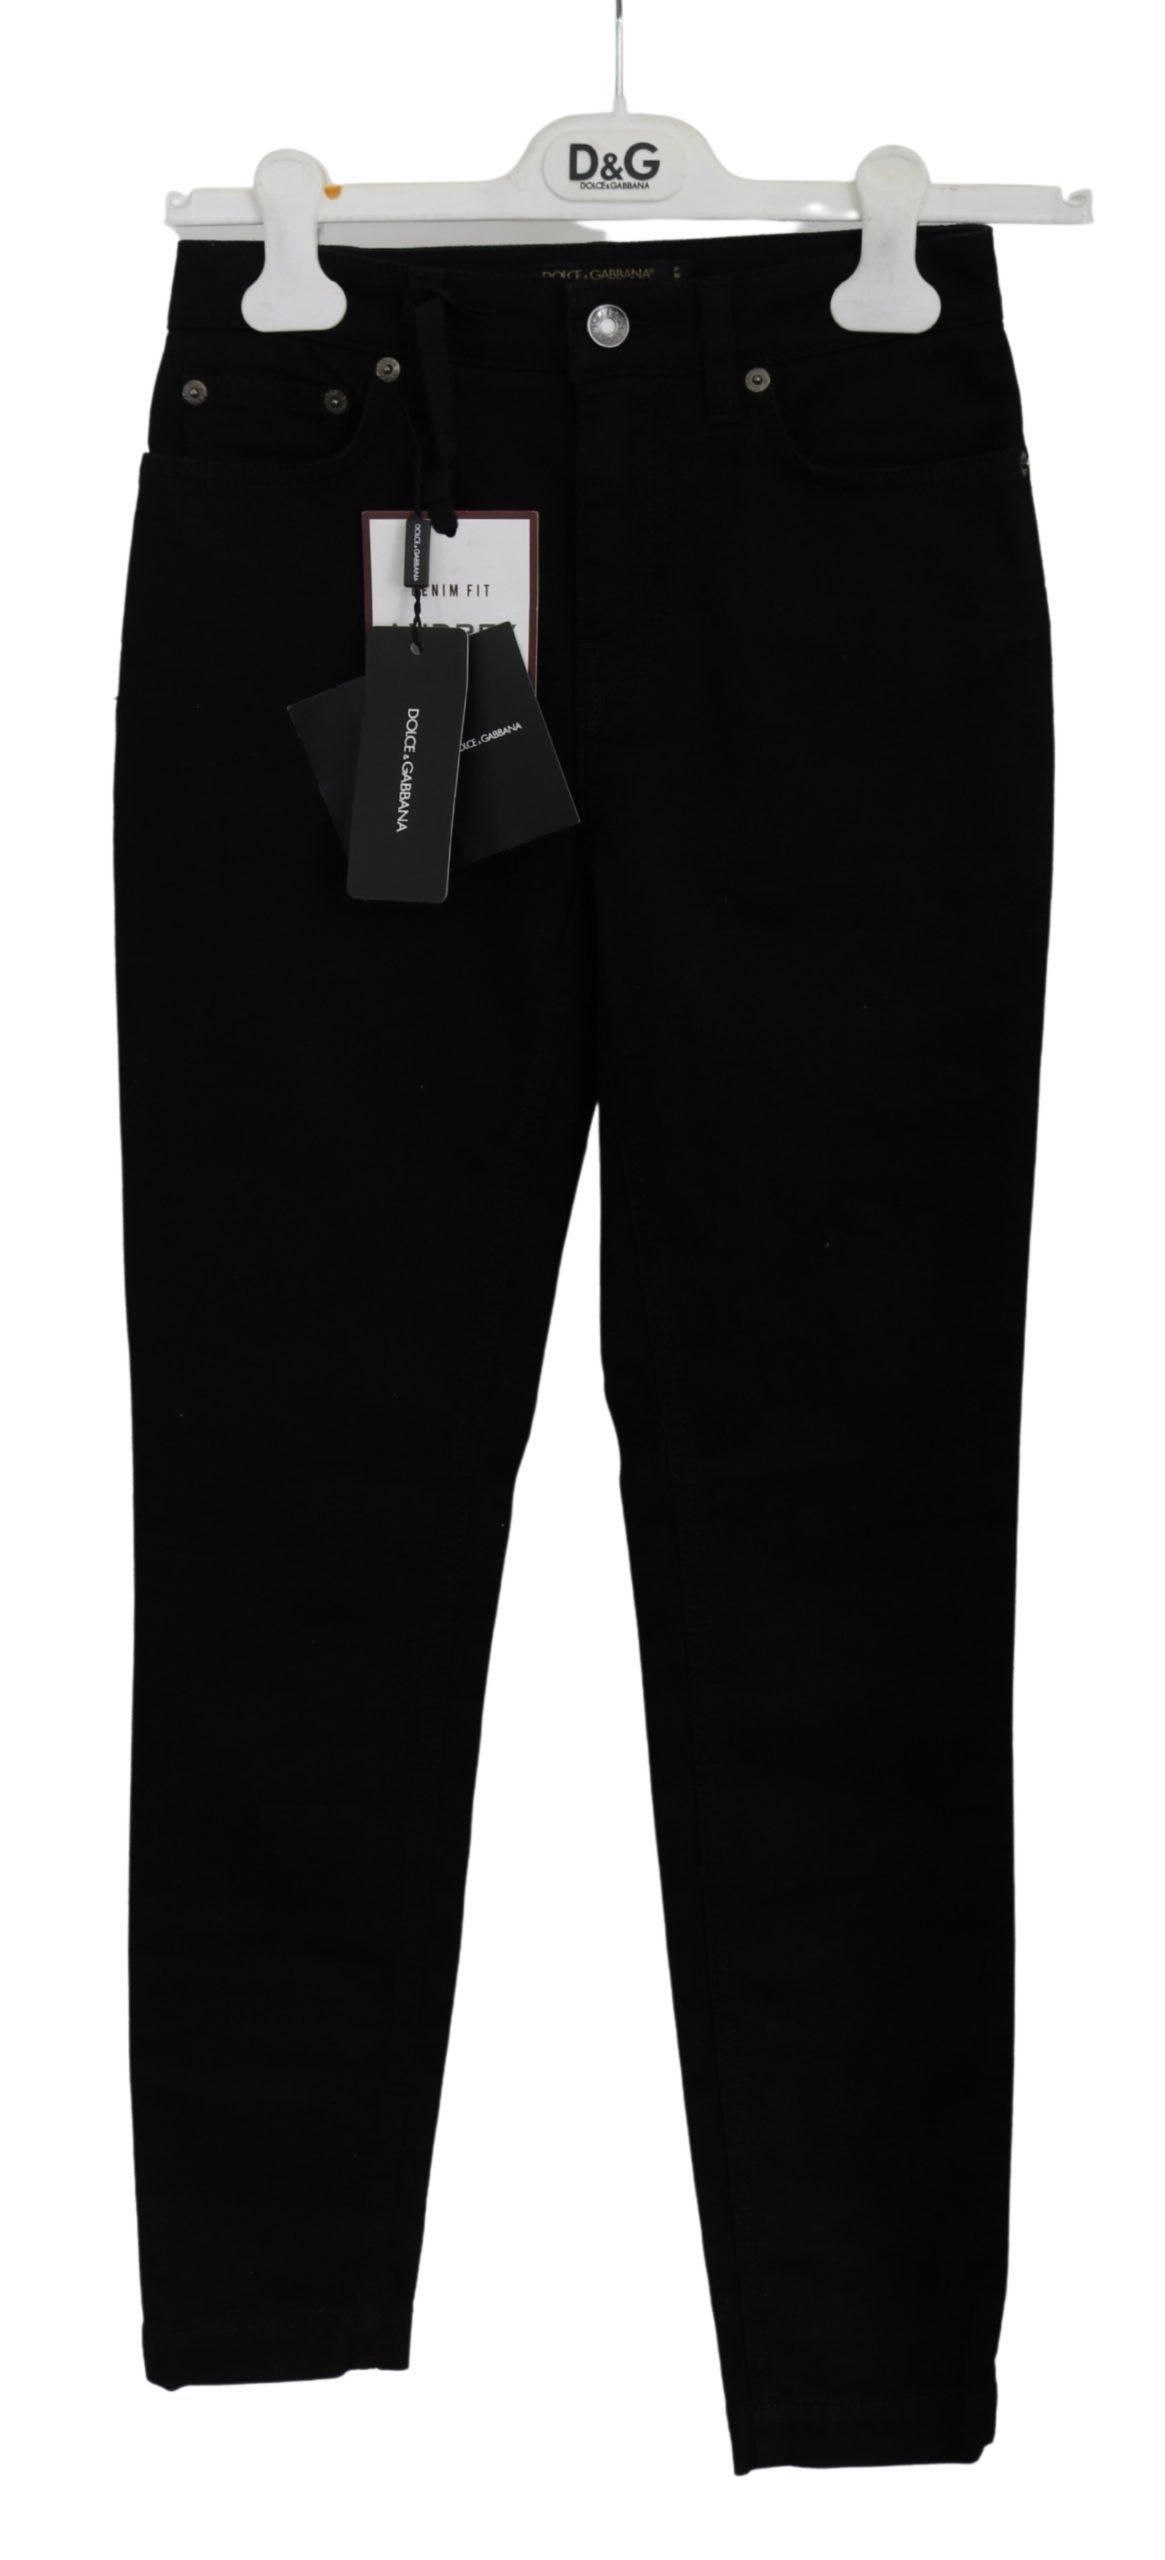 Dolce & Gabbana Women's Skinny Cotton Stretch Jeans Black PAN71116 - IT36 | XS